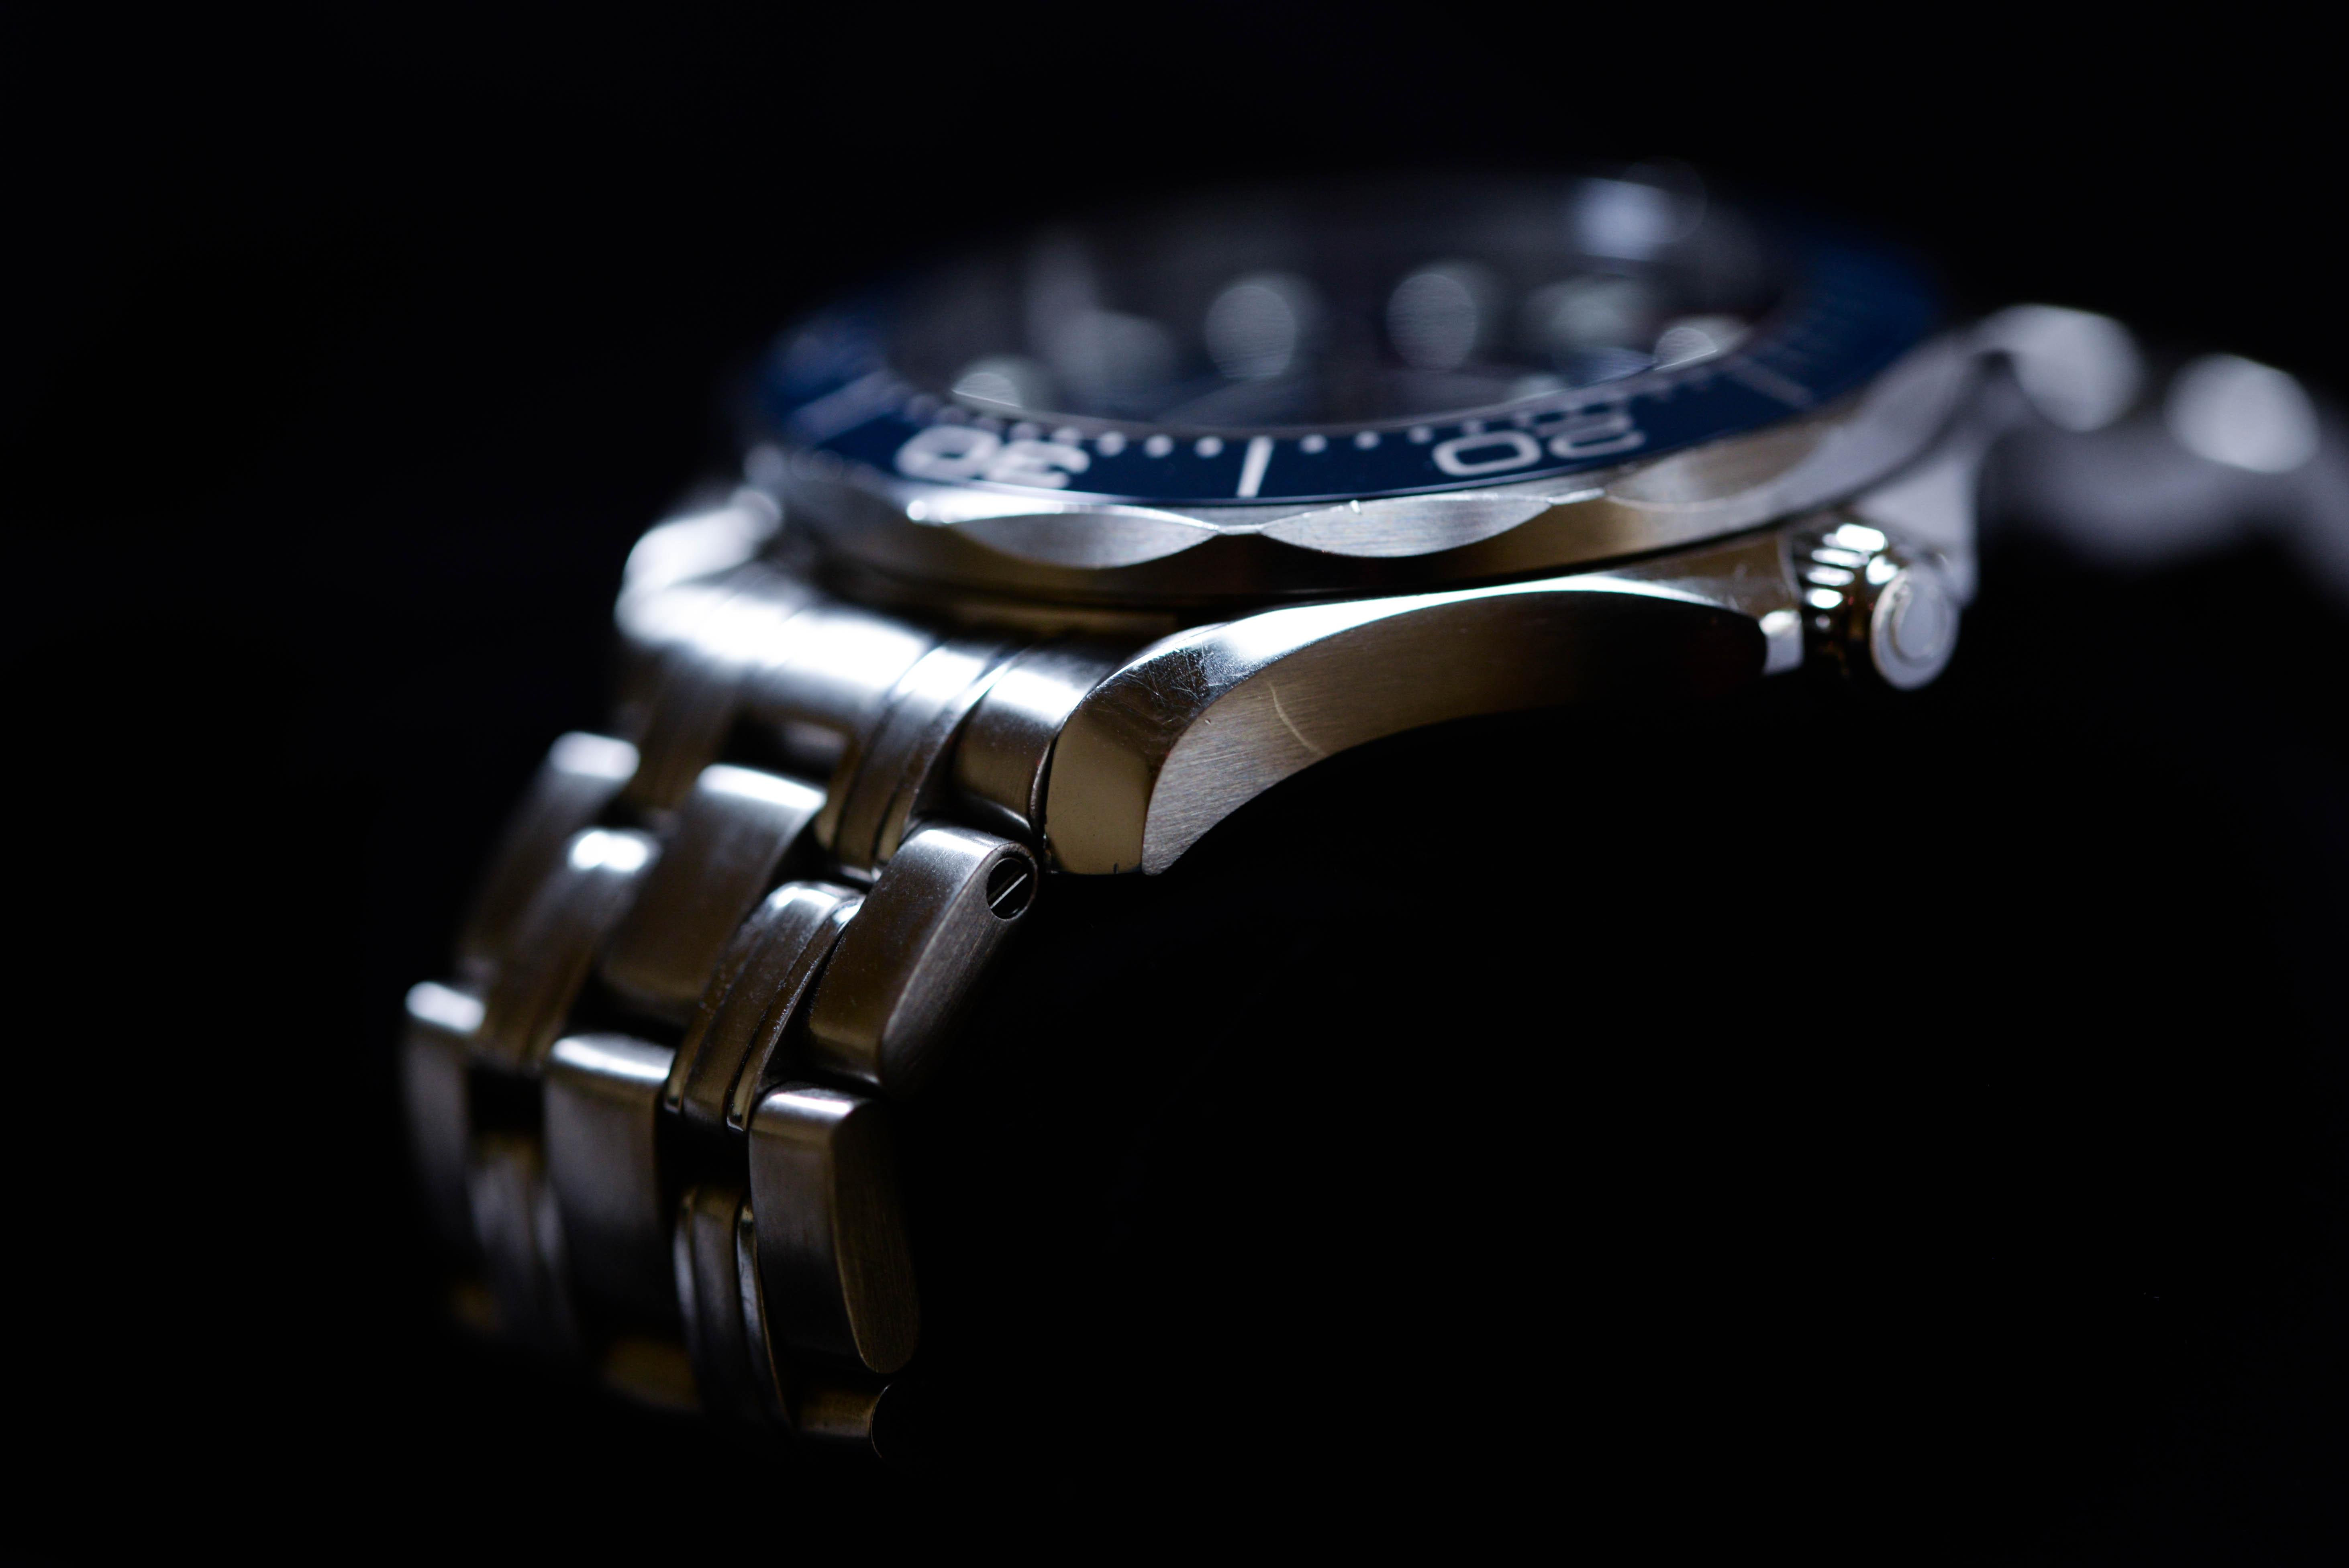 ビジネスシーンはもちろん、プライベートでも活躍する腕時計